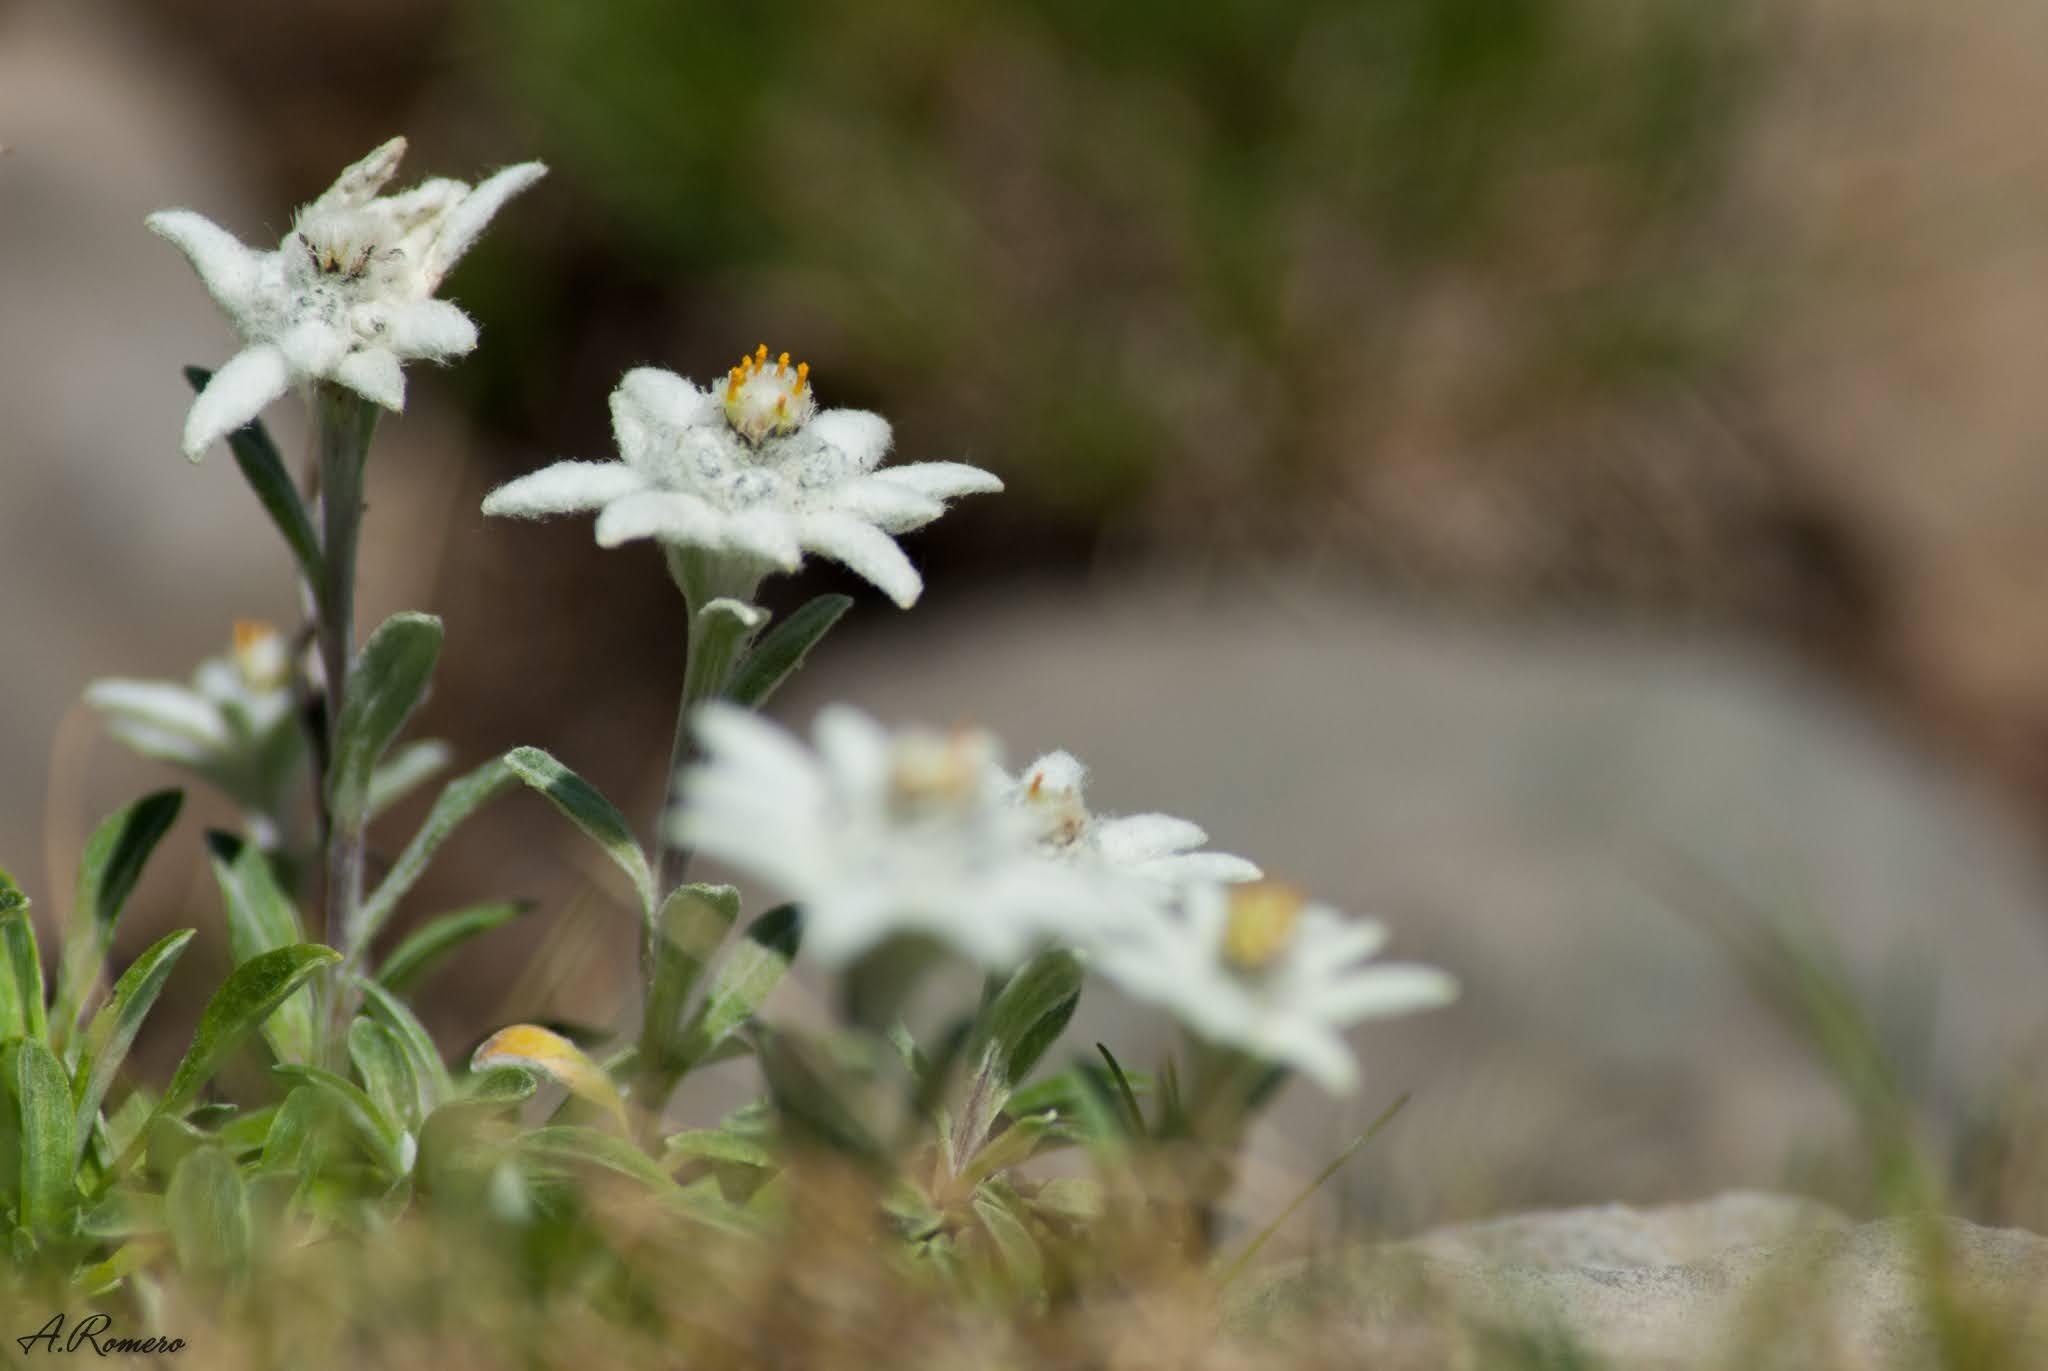 Para atraer a sus polinizadores, en su mayoría moscas, las flores de las nieves  o edelweiss producen una curiosa fragancia floral que mezcla compuestos de olor dulzón con ácidos grasos de olor rancio que recuerdan al sudor humano. Fotografía tomada en el circo de Armeña, Huesca.